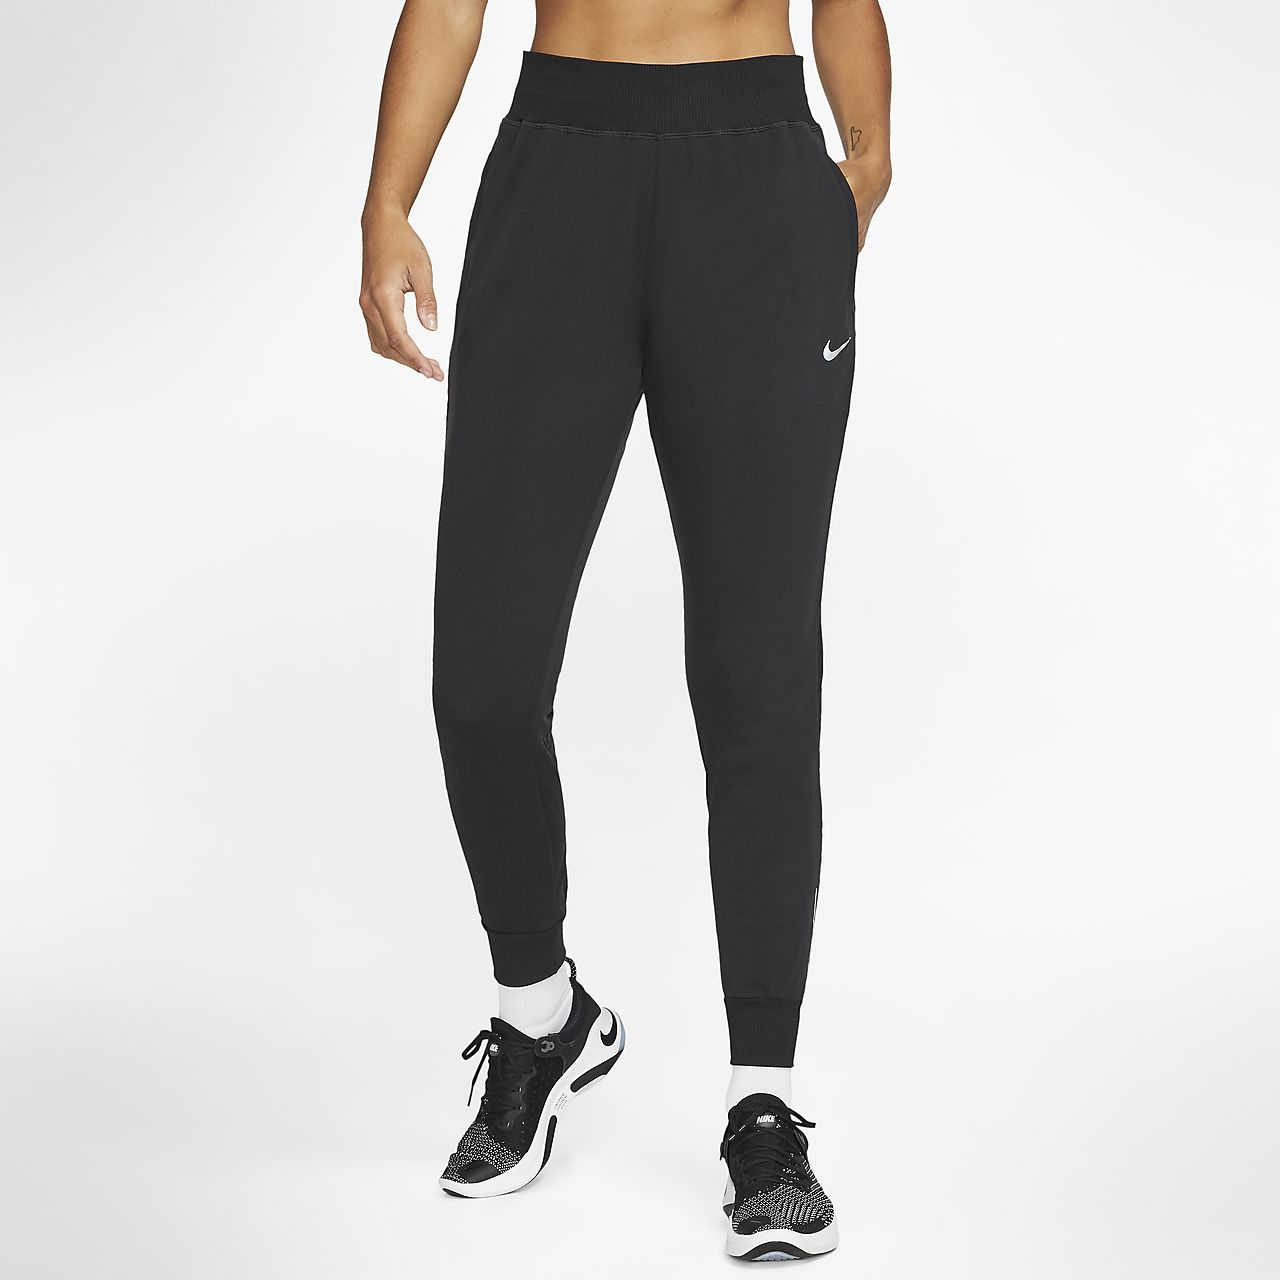 f871d4f830517 Pantalon de running Nike Essential pour Femme. Nike.com CA